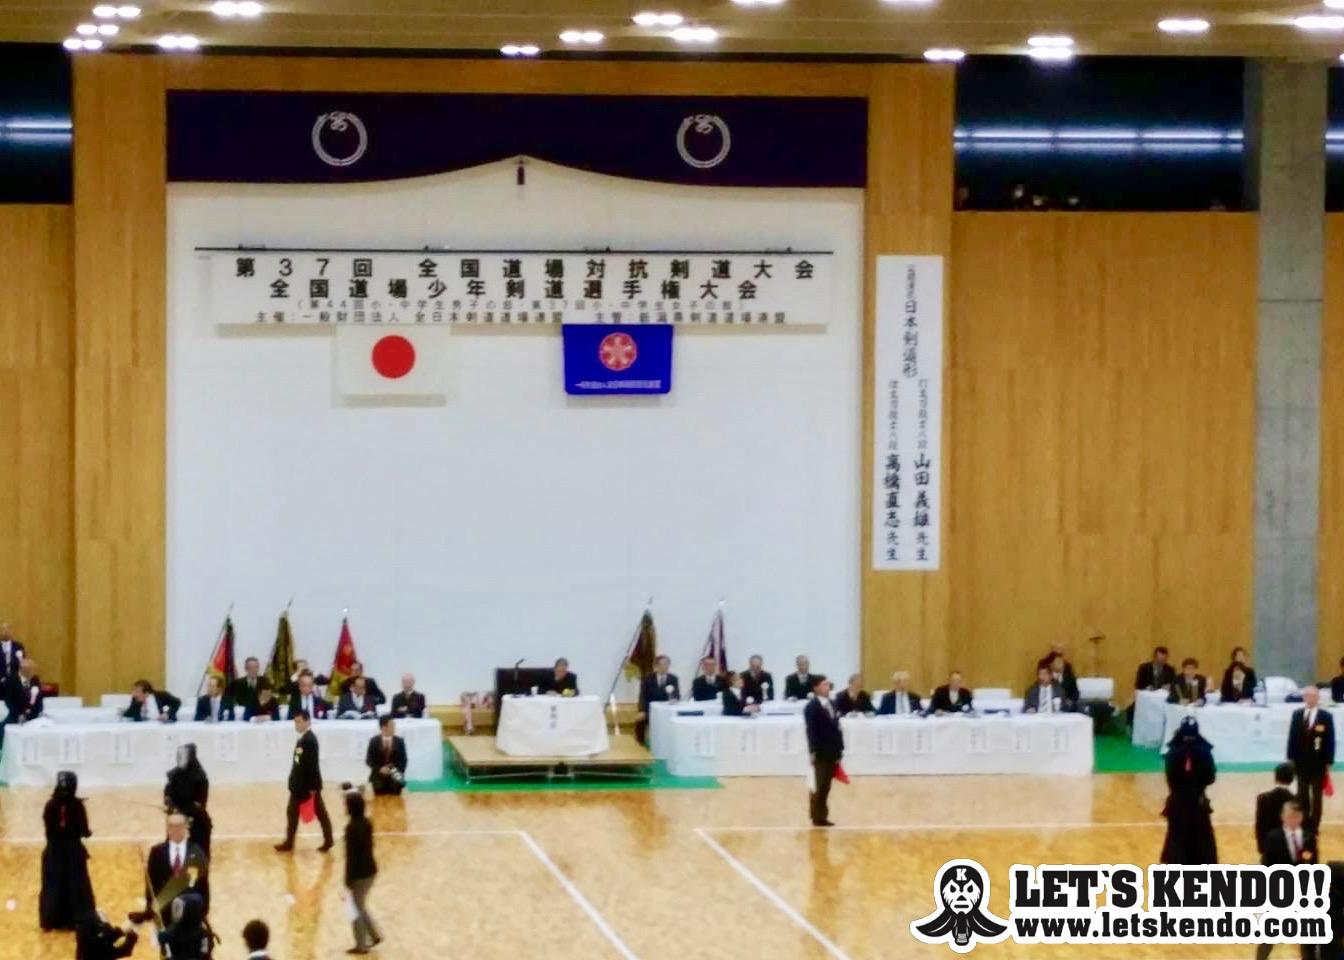 【結果】12/22 全国道場対抗剣道大会・全国道場少年剣道選手権大会